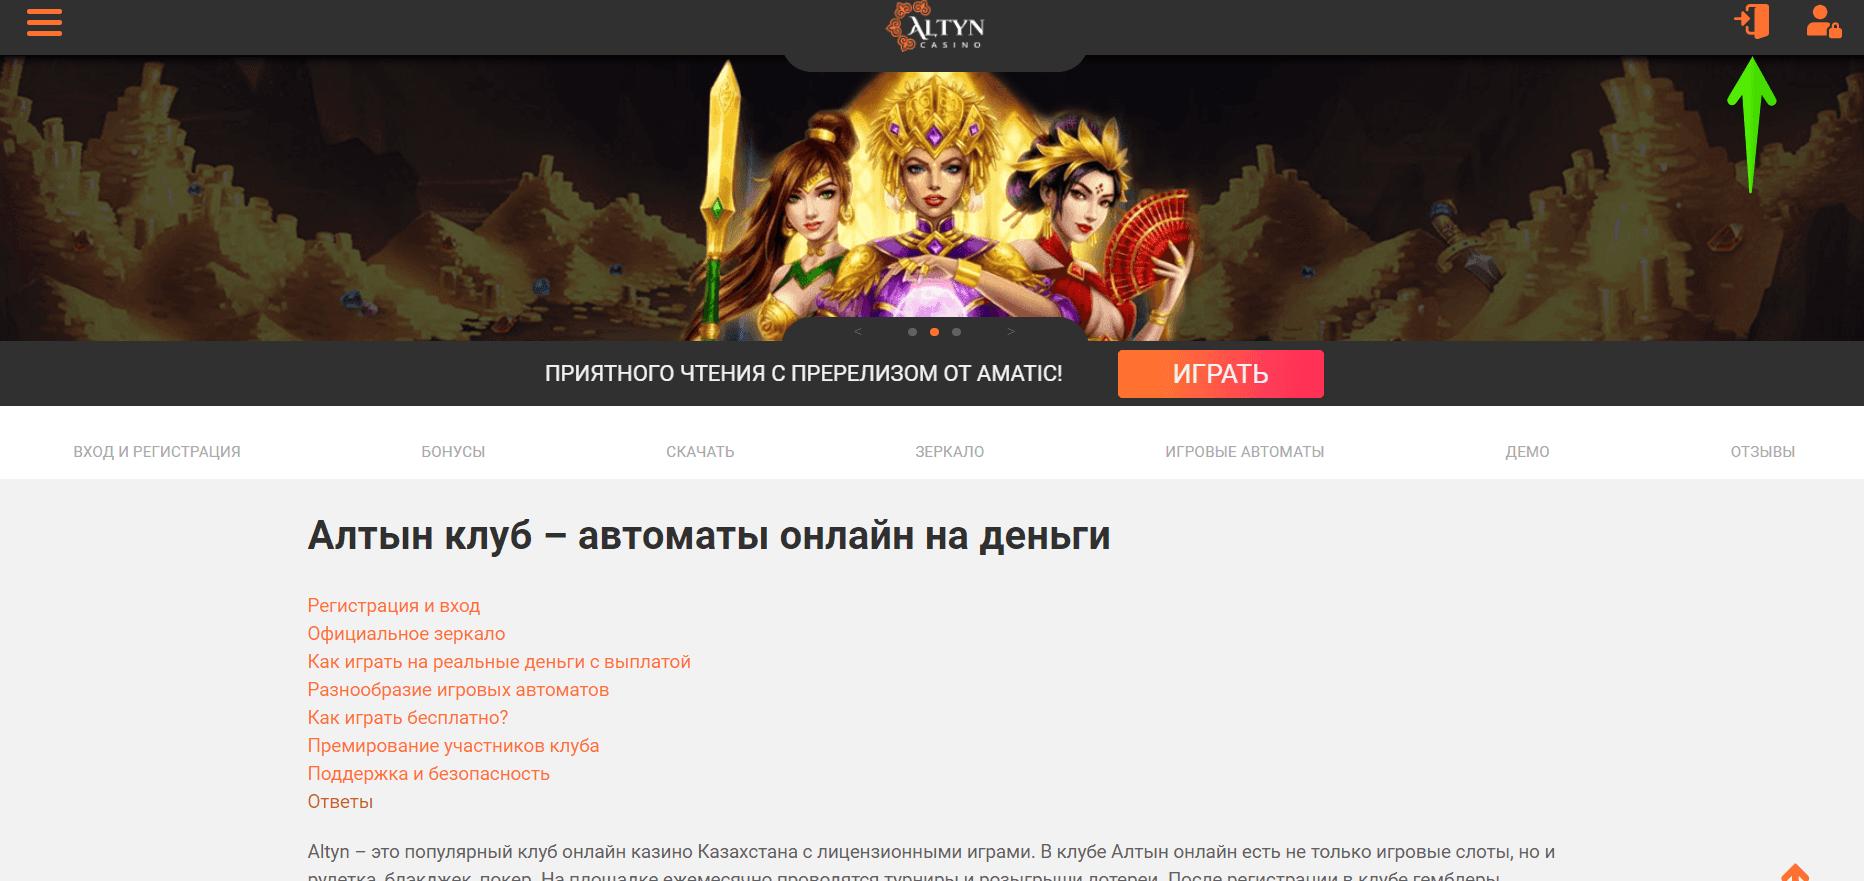 Регистрация в казино Алтын